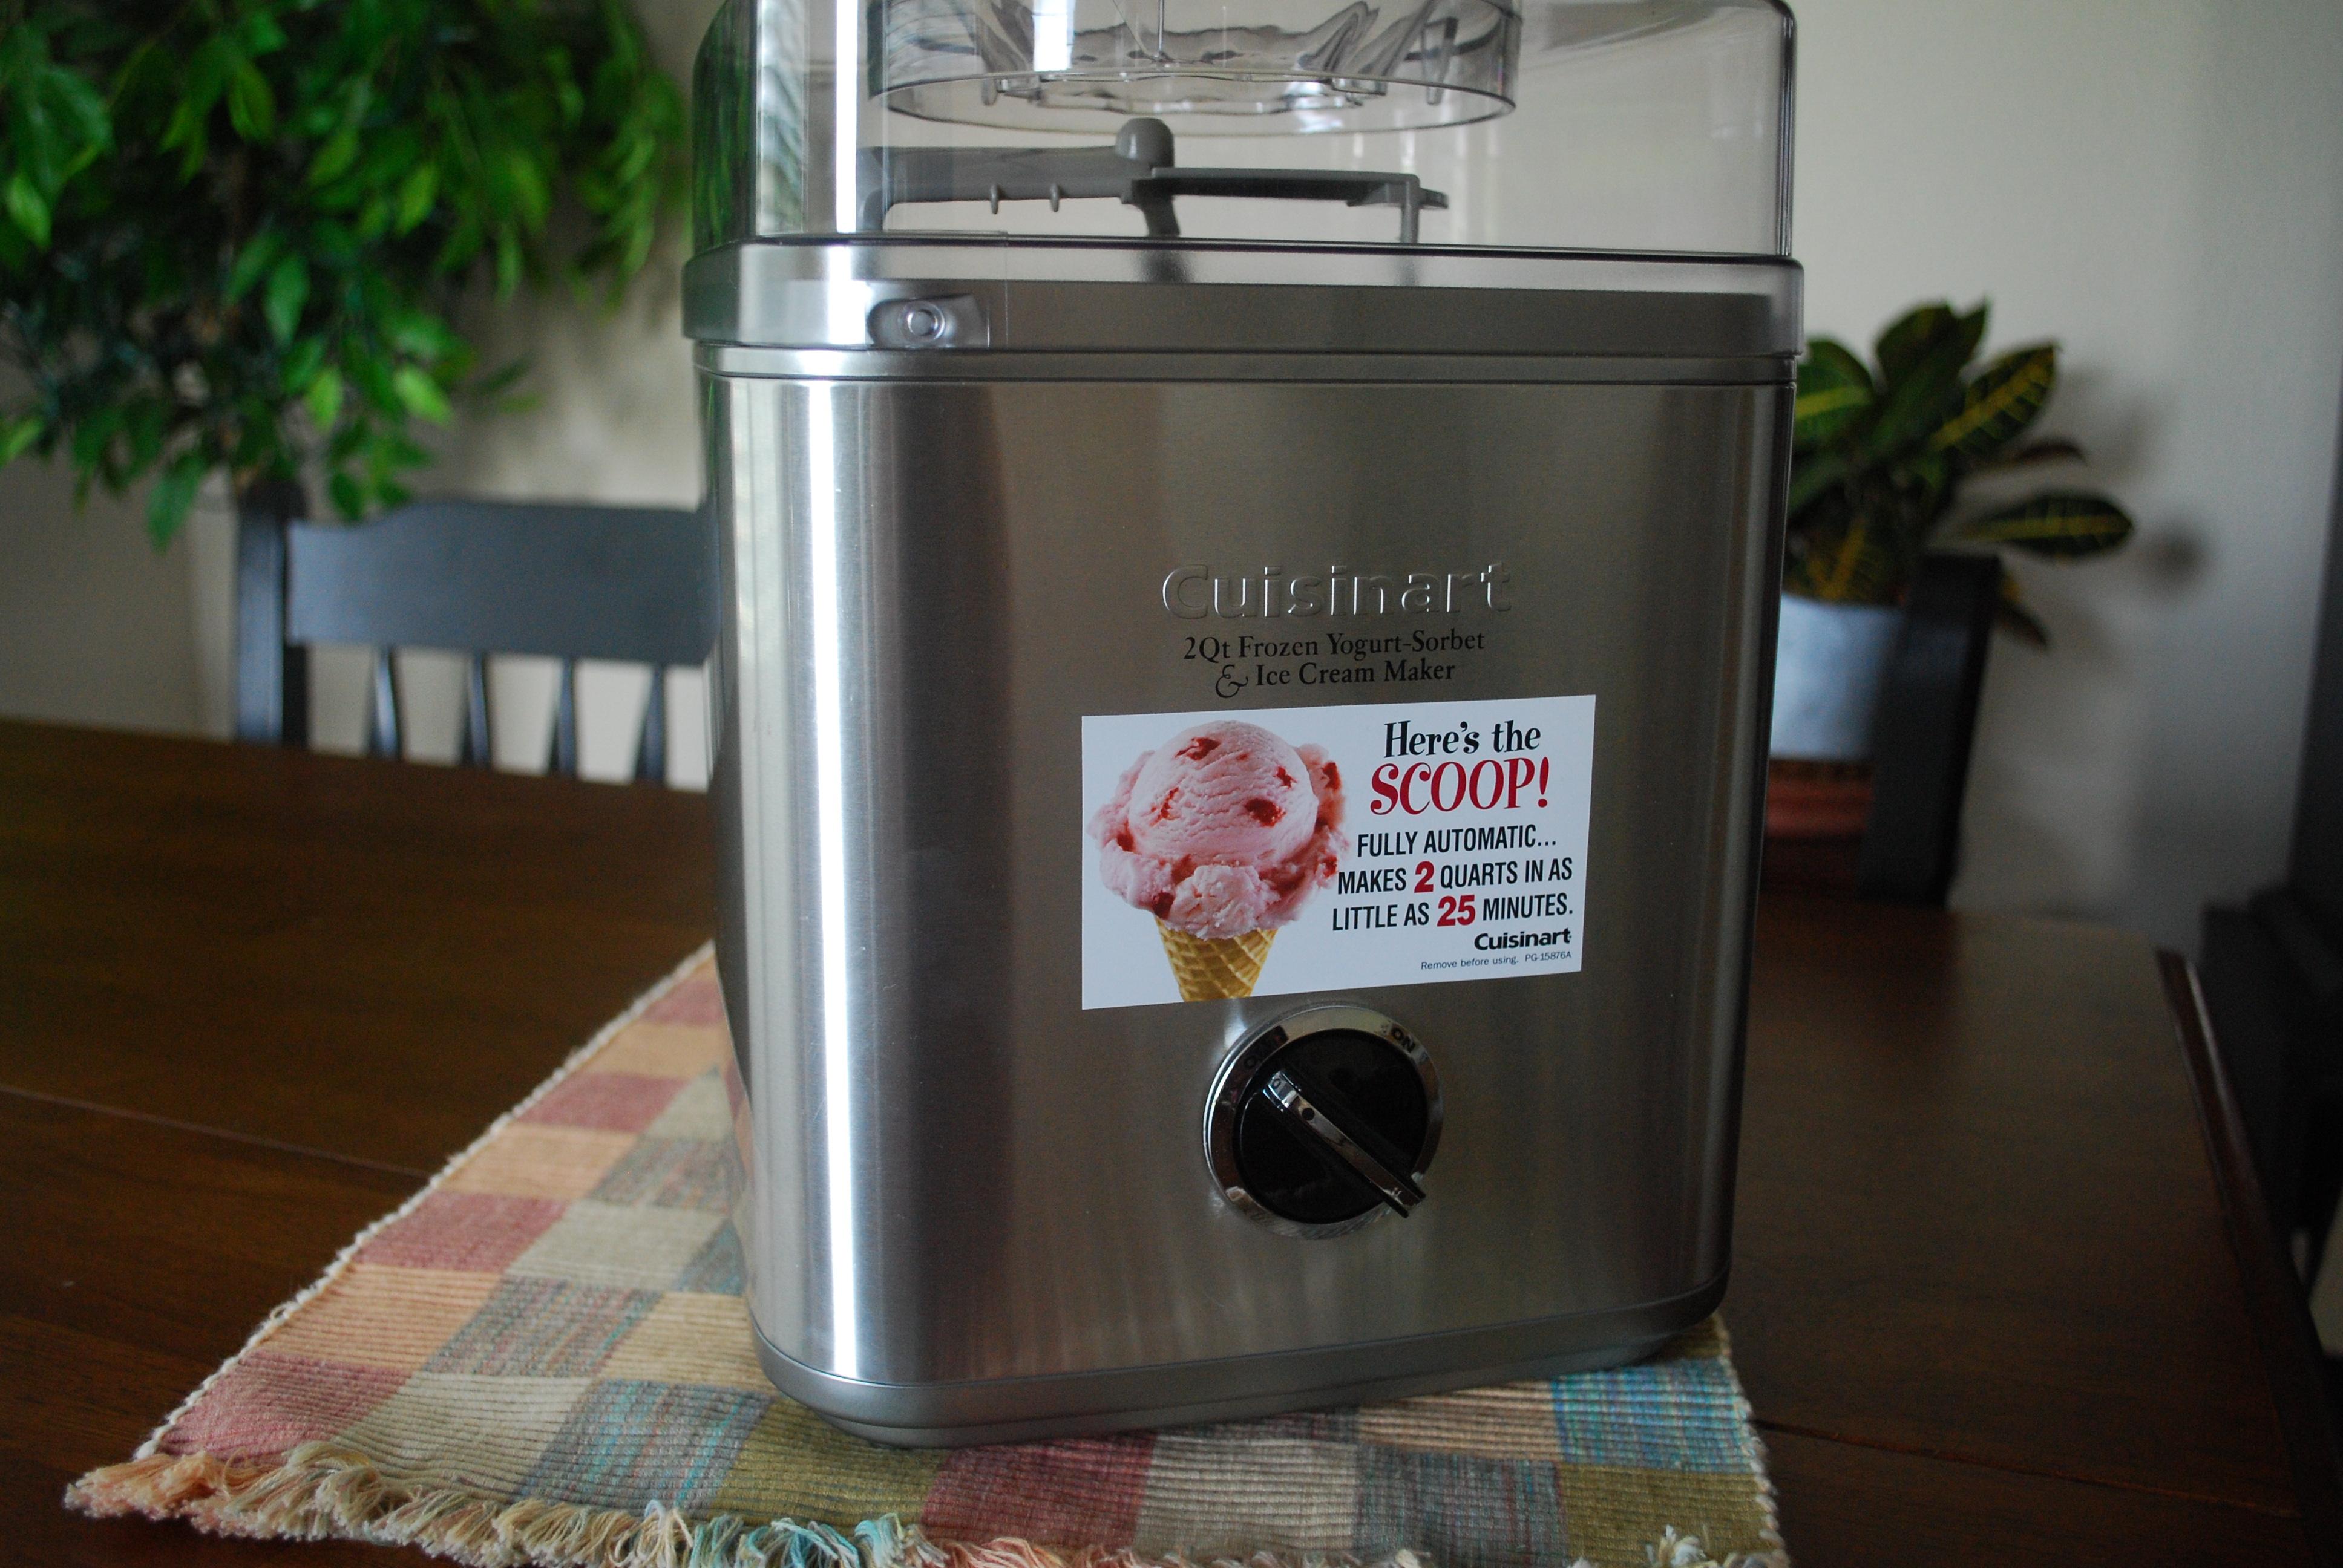 Cuisinart 2 Quart Ice Cream Maker